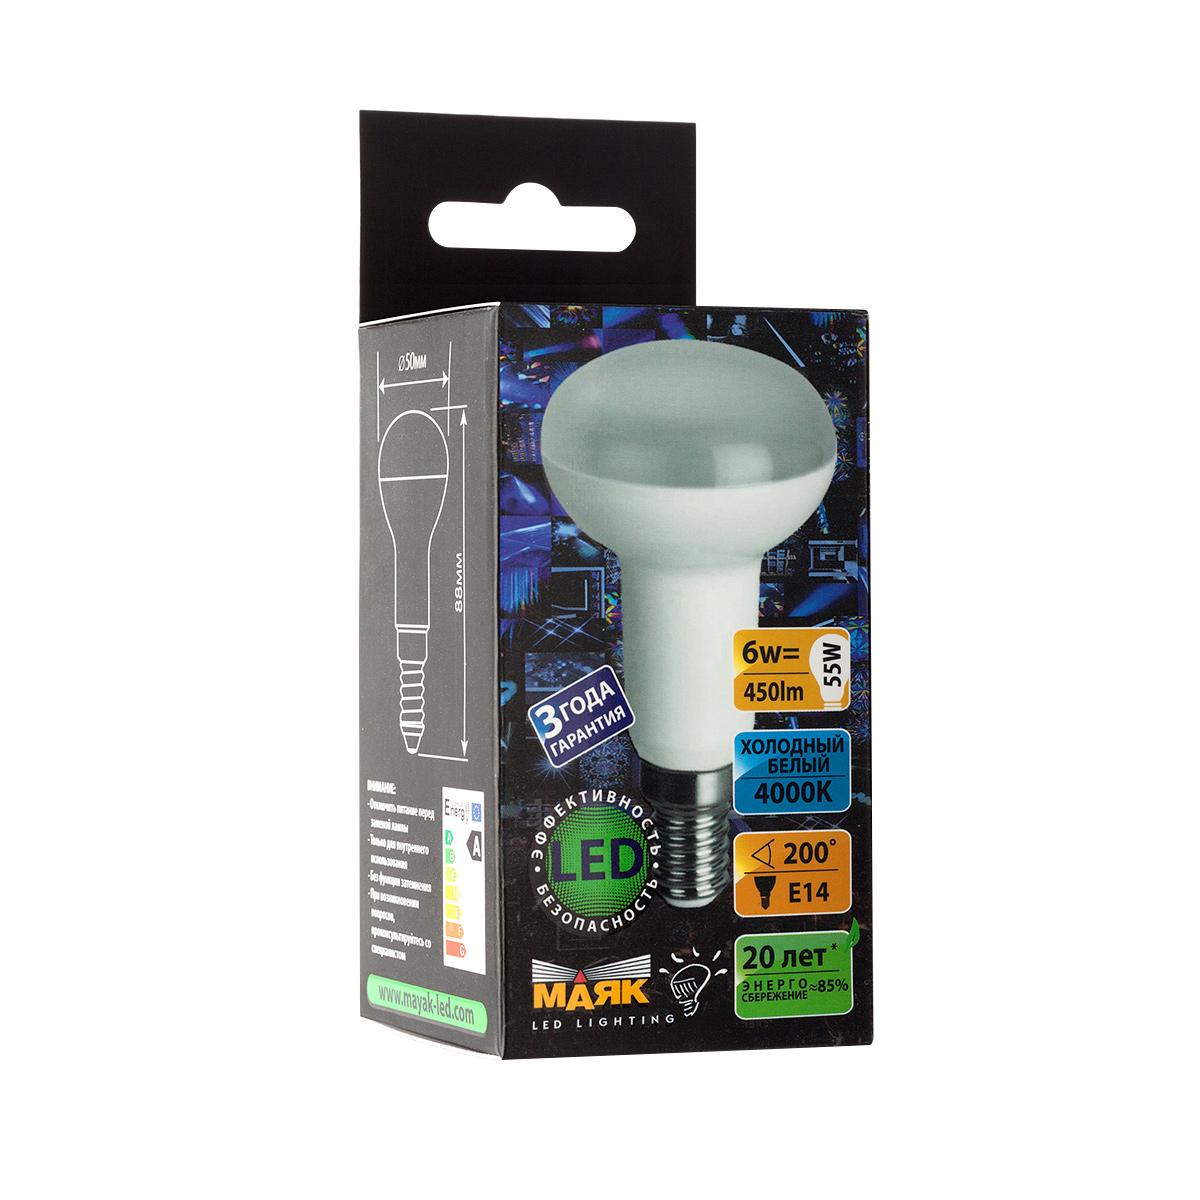 Лампа светодиодная МАЯК R50/e14/6w/4000k